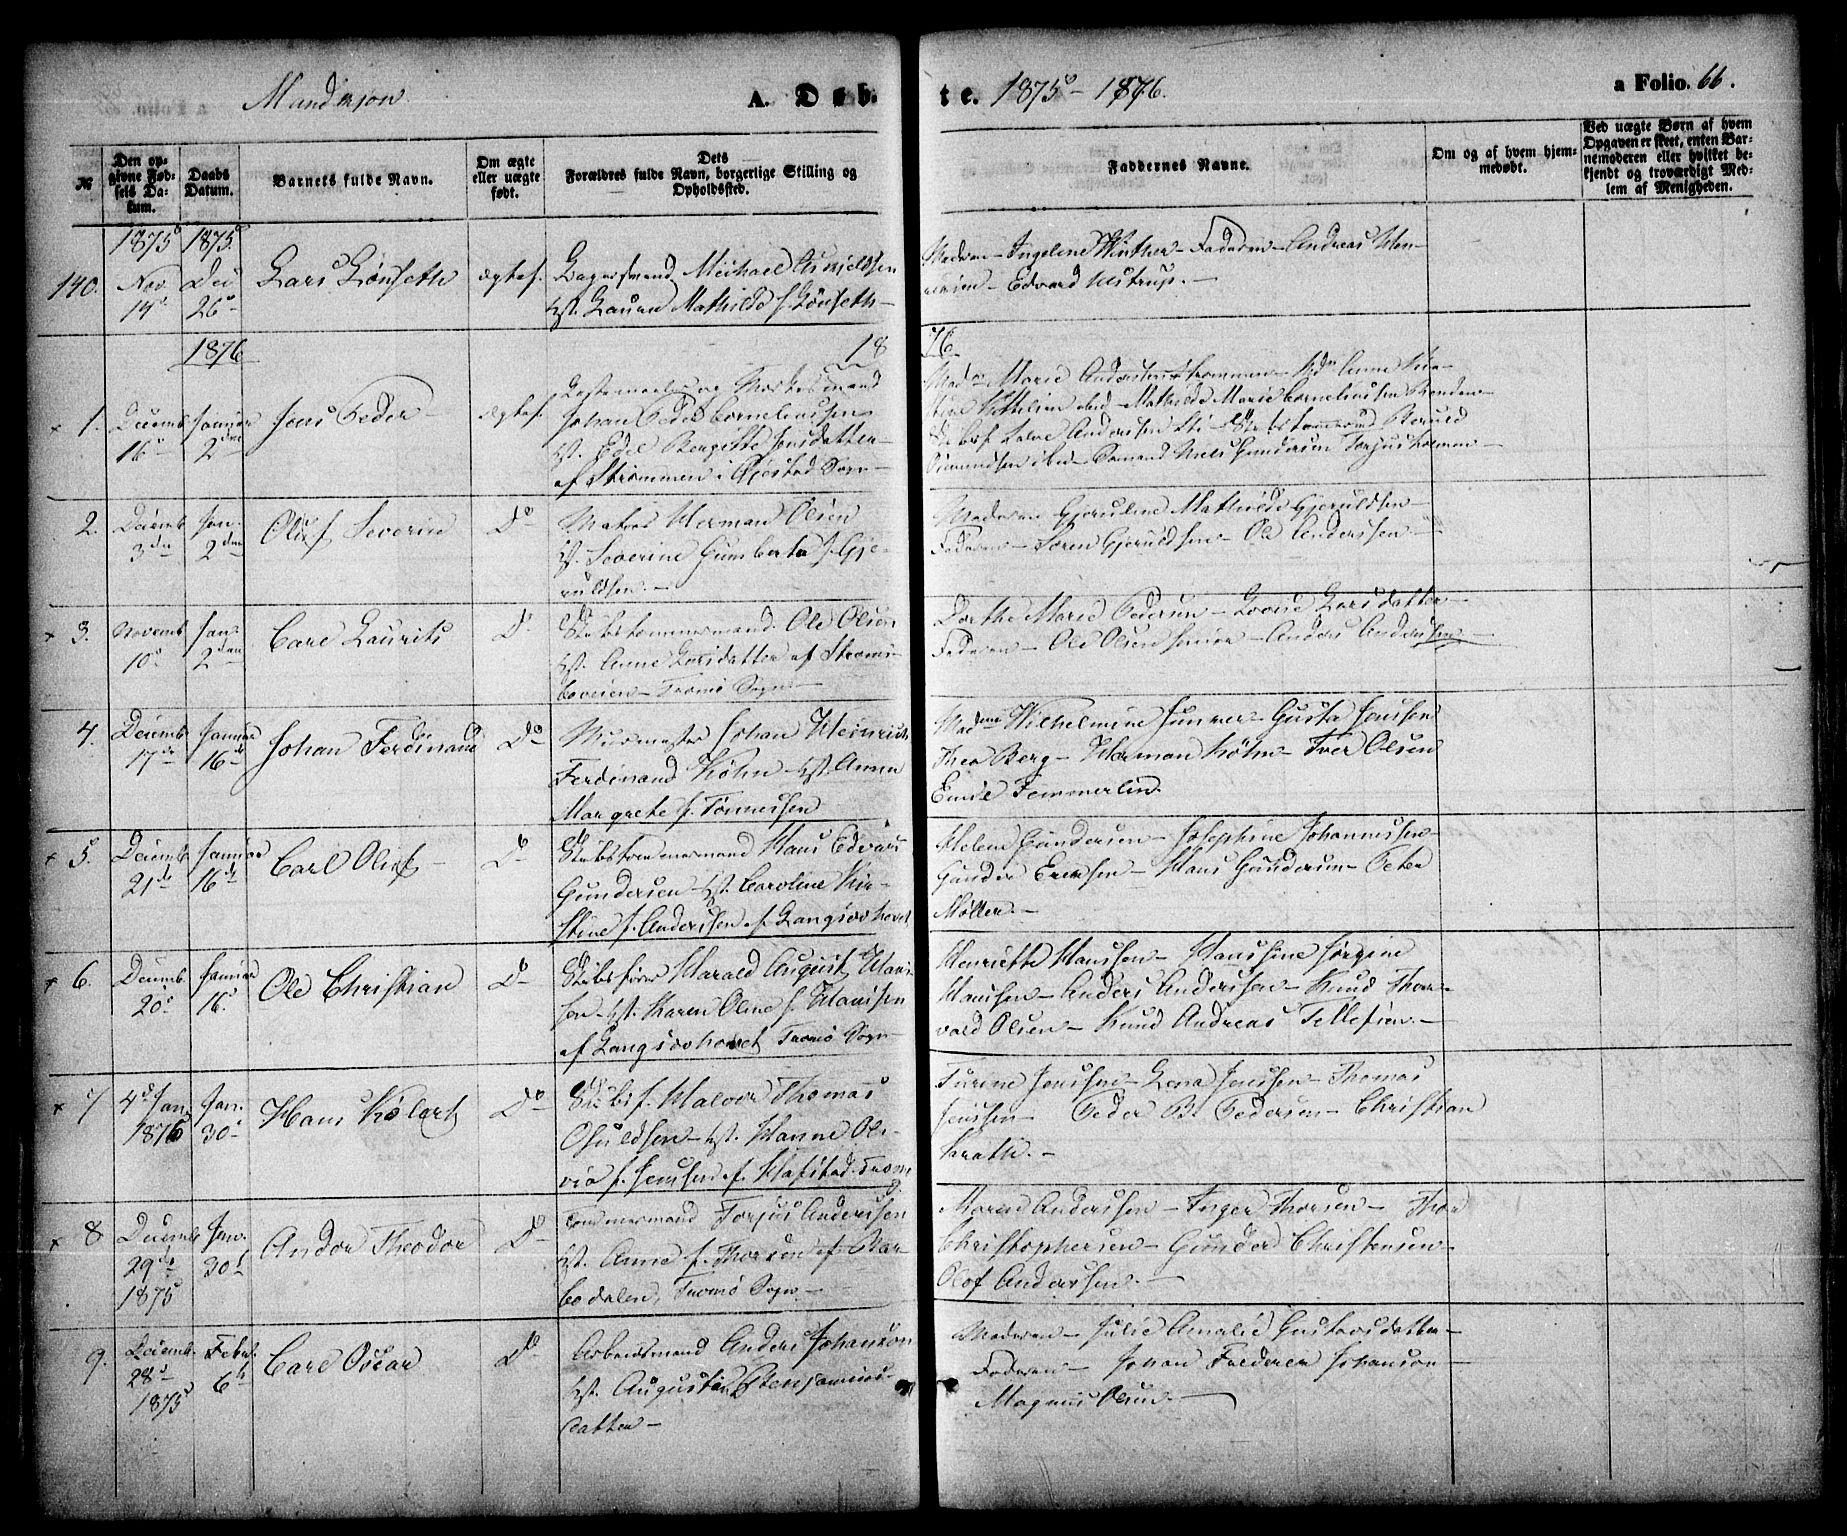 SAK, Arendal sokneprestkontor, Trefoldighet, F/Fa/L0007: Ministerialbok nr. A 7, 1868-1878, s. 66